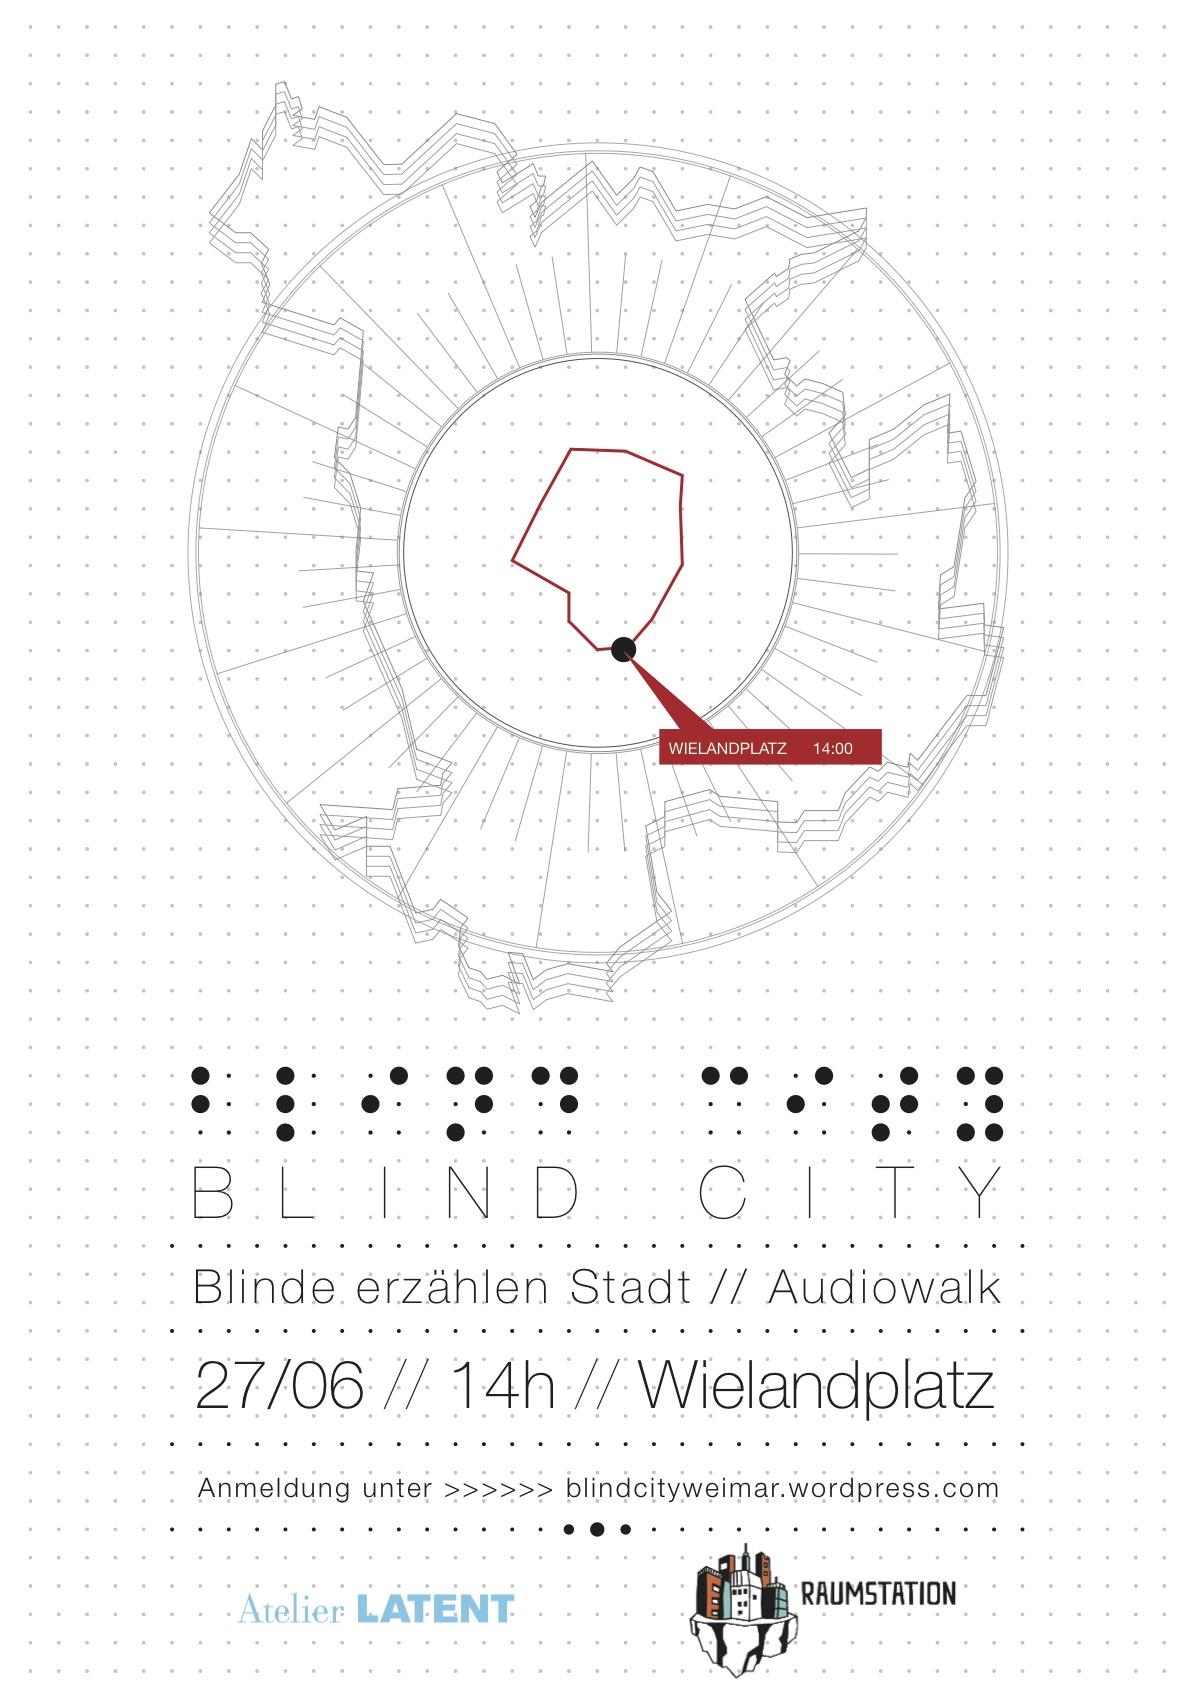 (Blind City. Blinde erzählen Stadt – Kollektiv Raumstation)